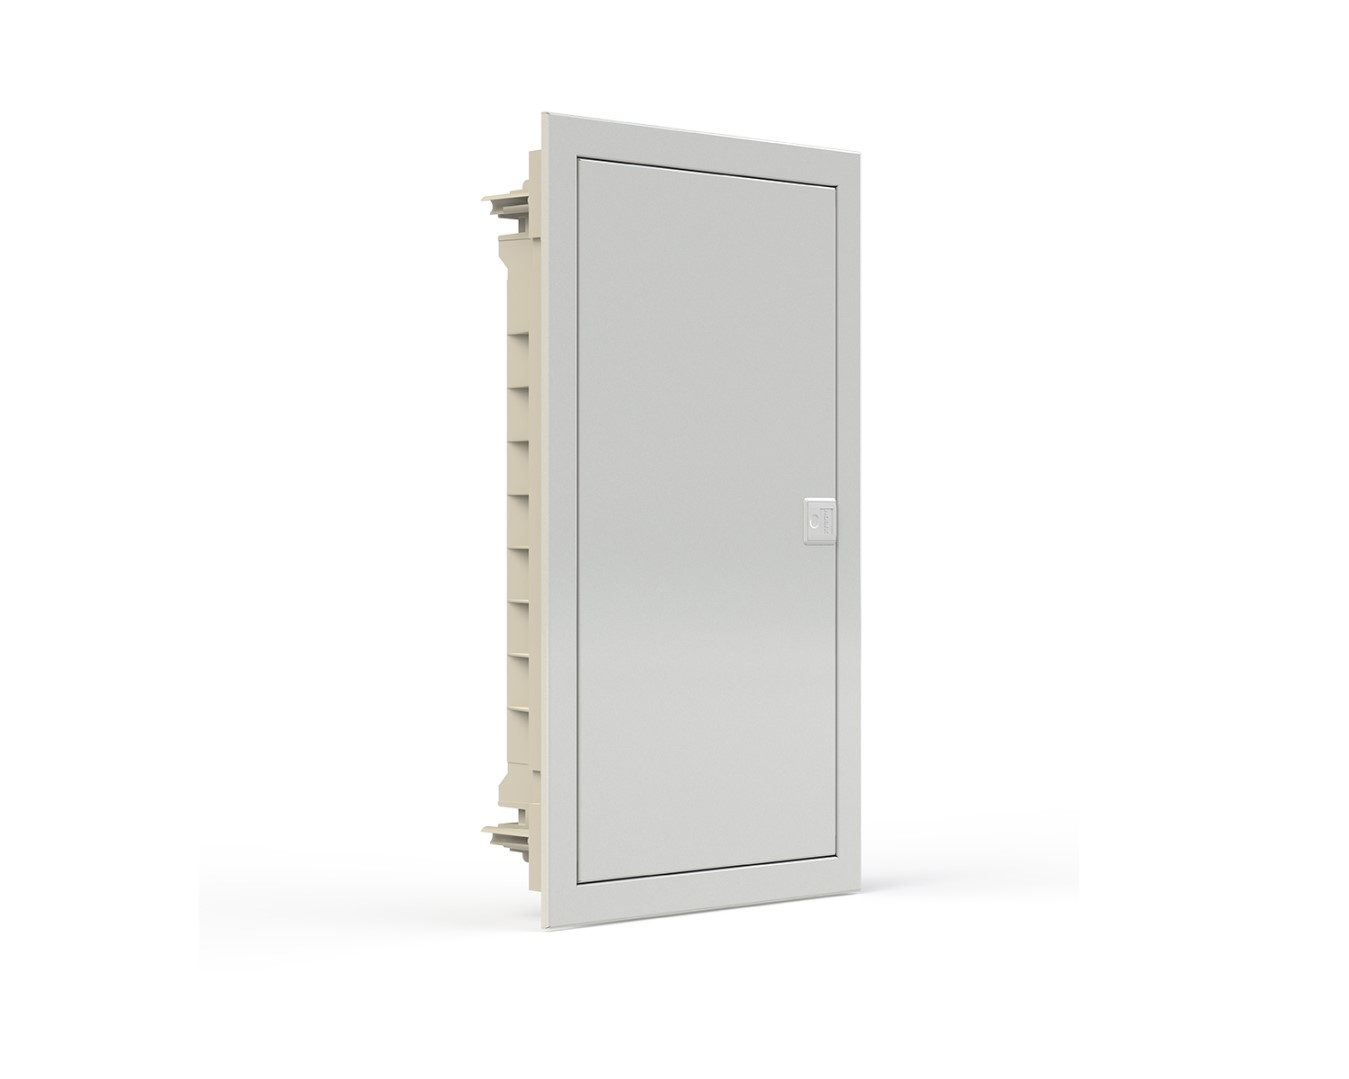 NOARK Rozvodnice plastová PMF 36 s bílými plechovými dveřmi 36M IP40 (107103)